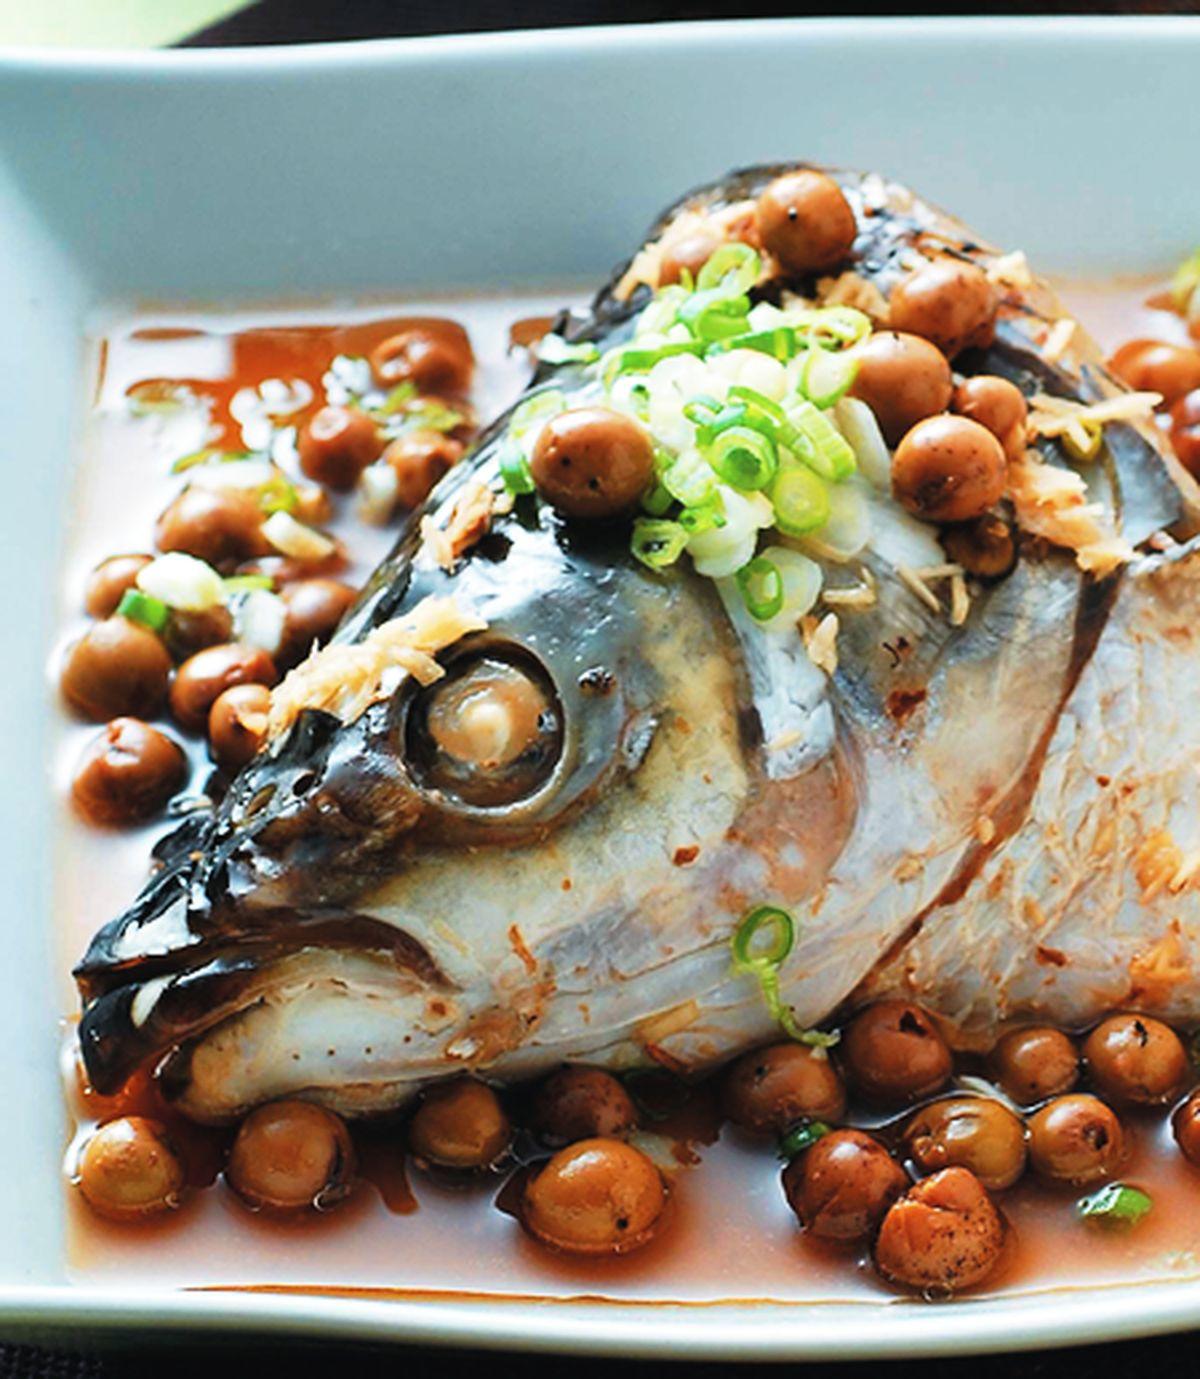 食譜:破布籽魚頭